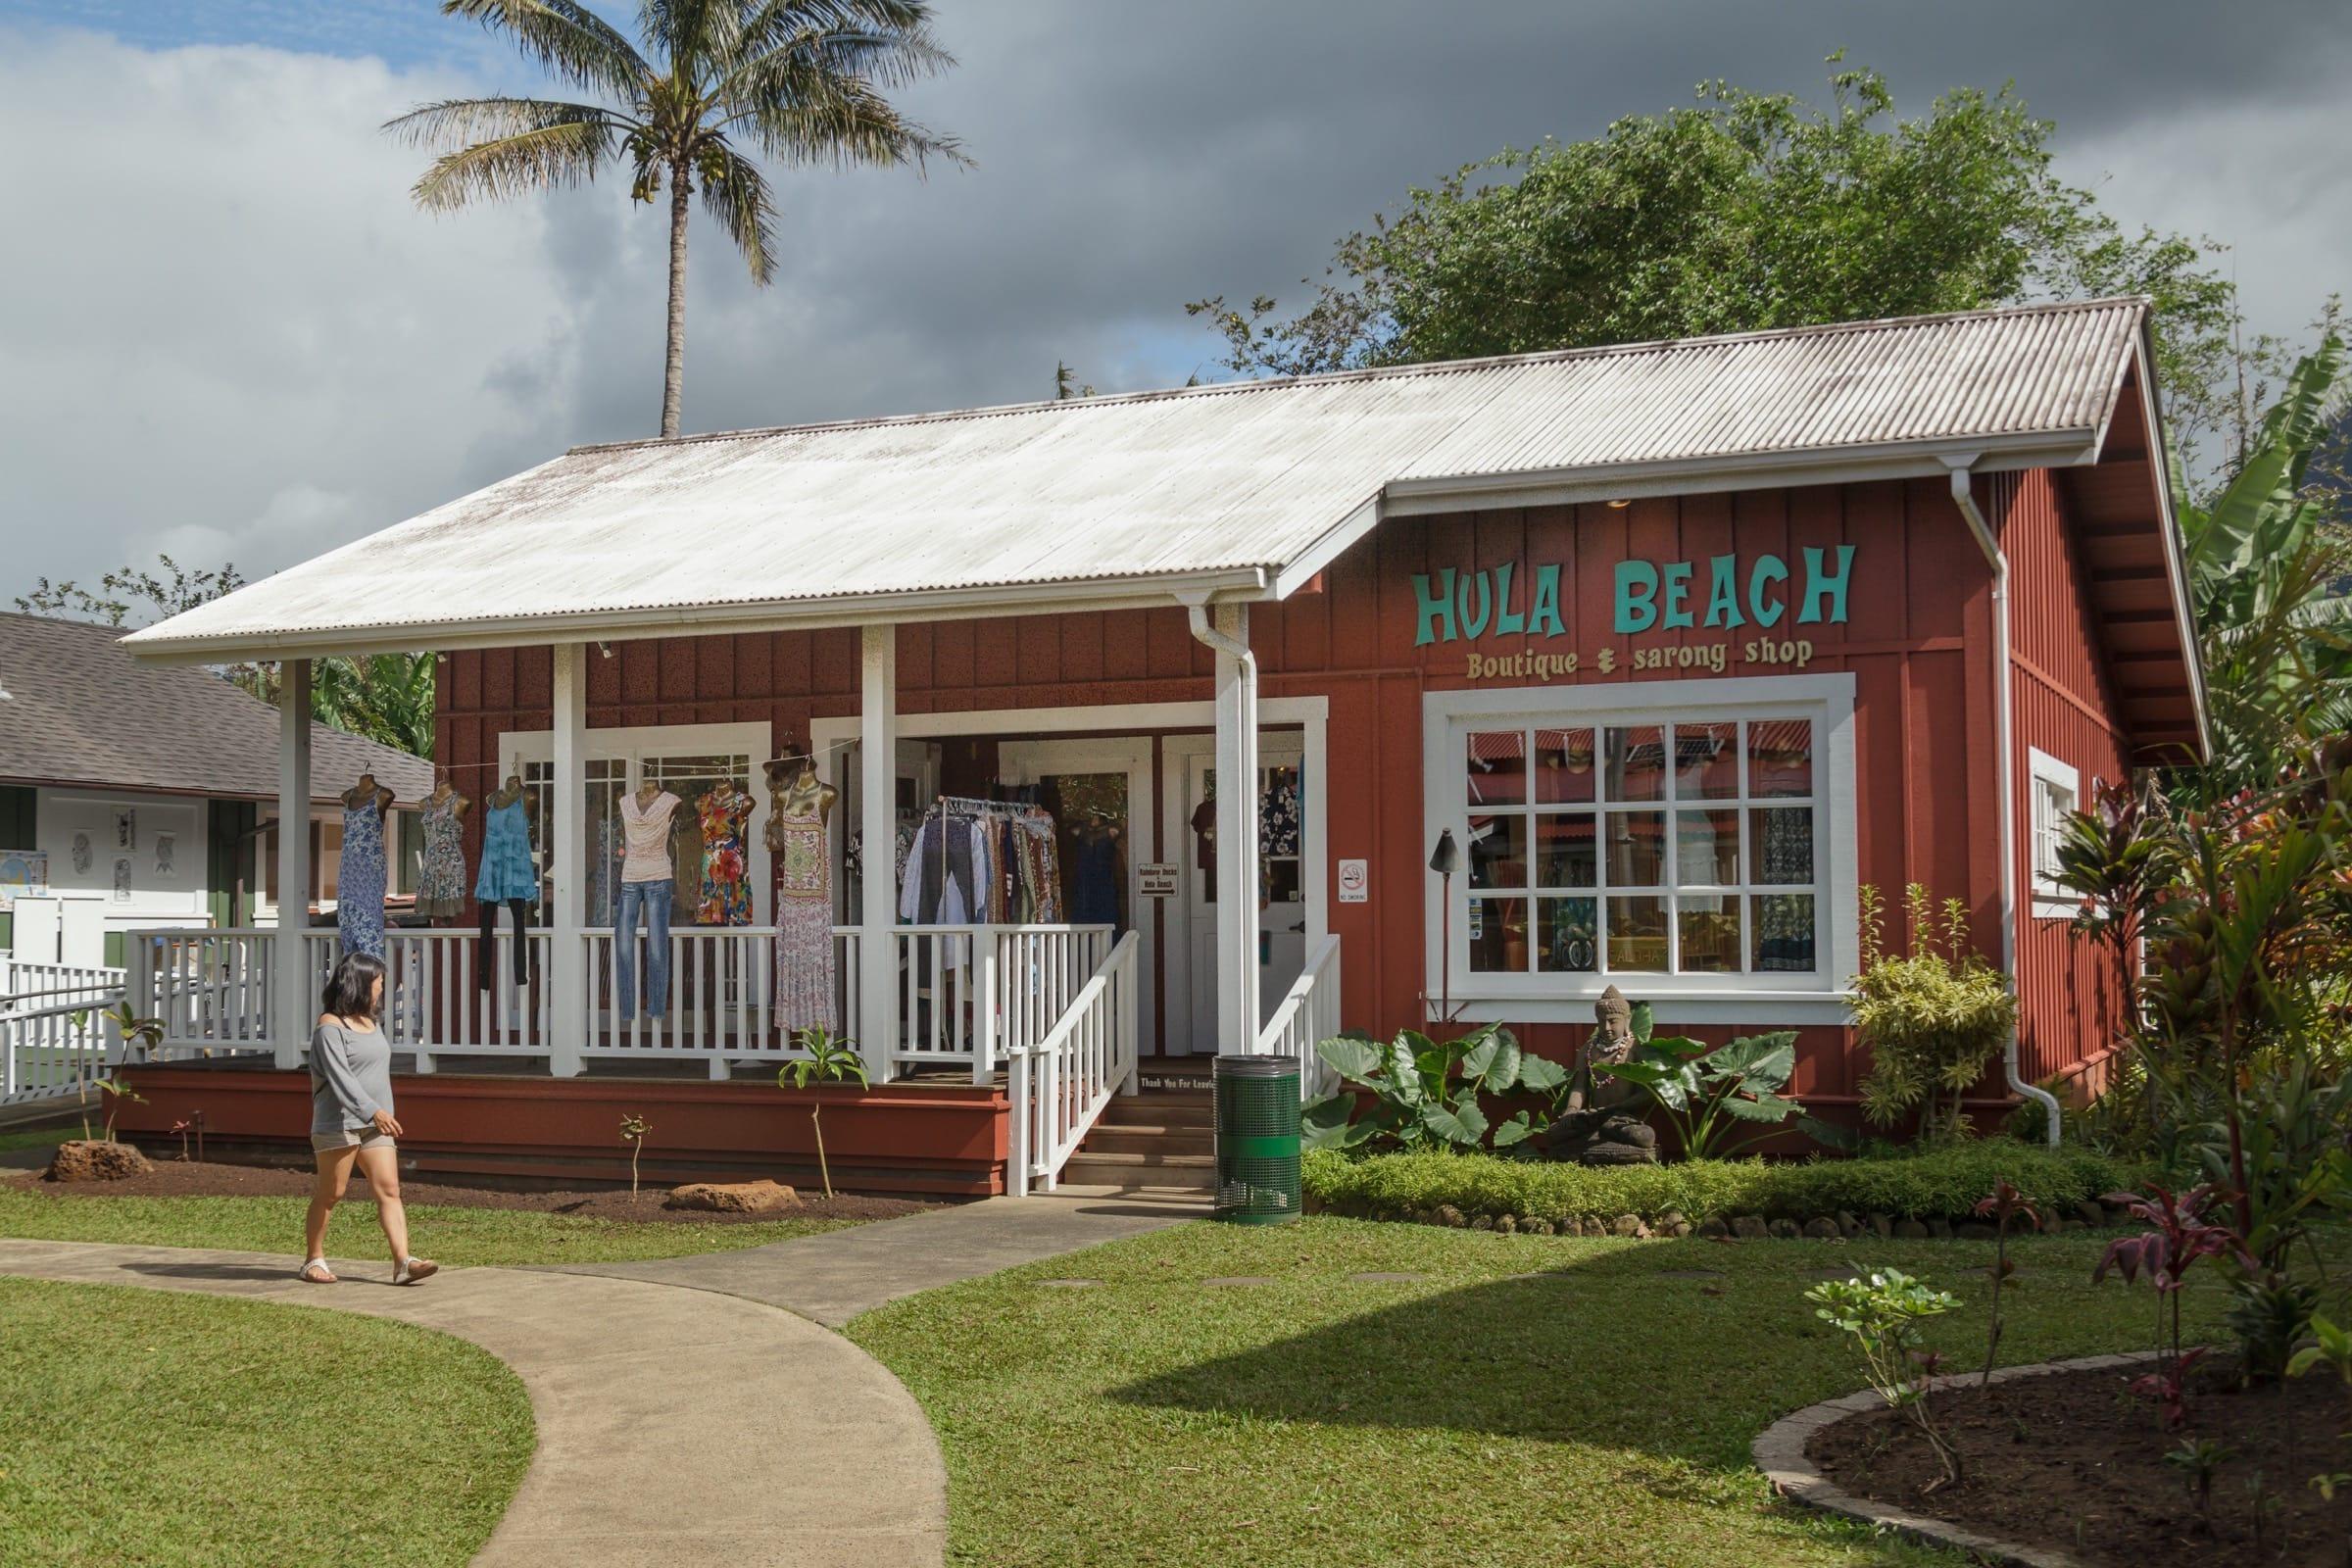 Hula Beach Boutique and Sarong shop